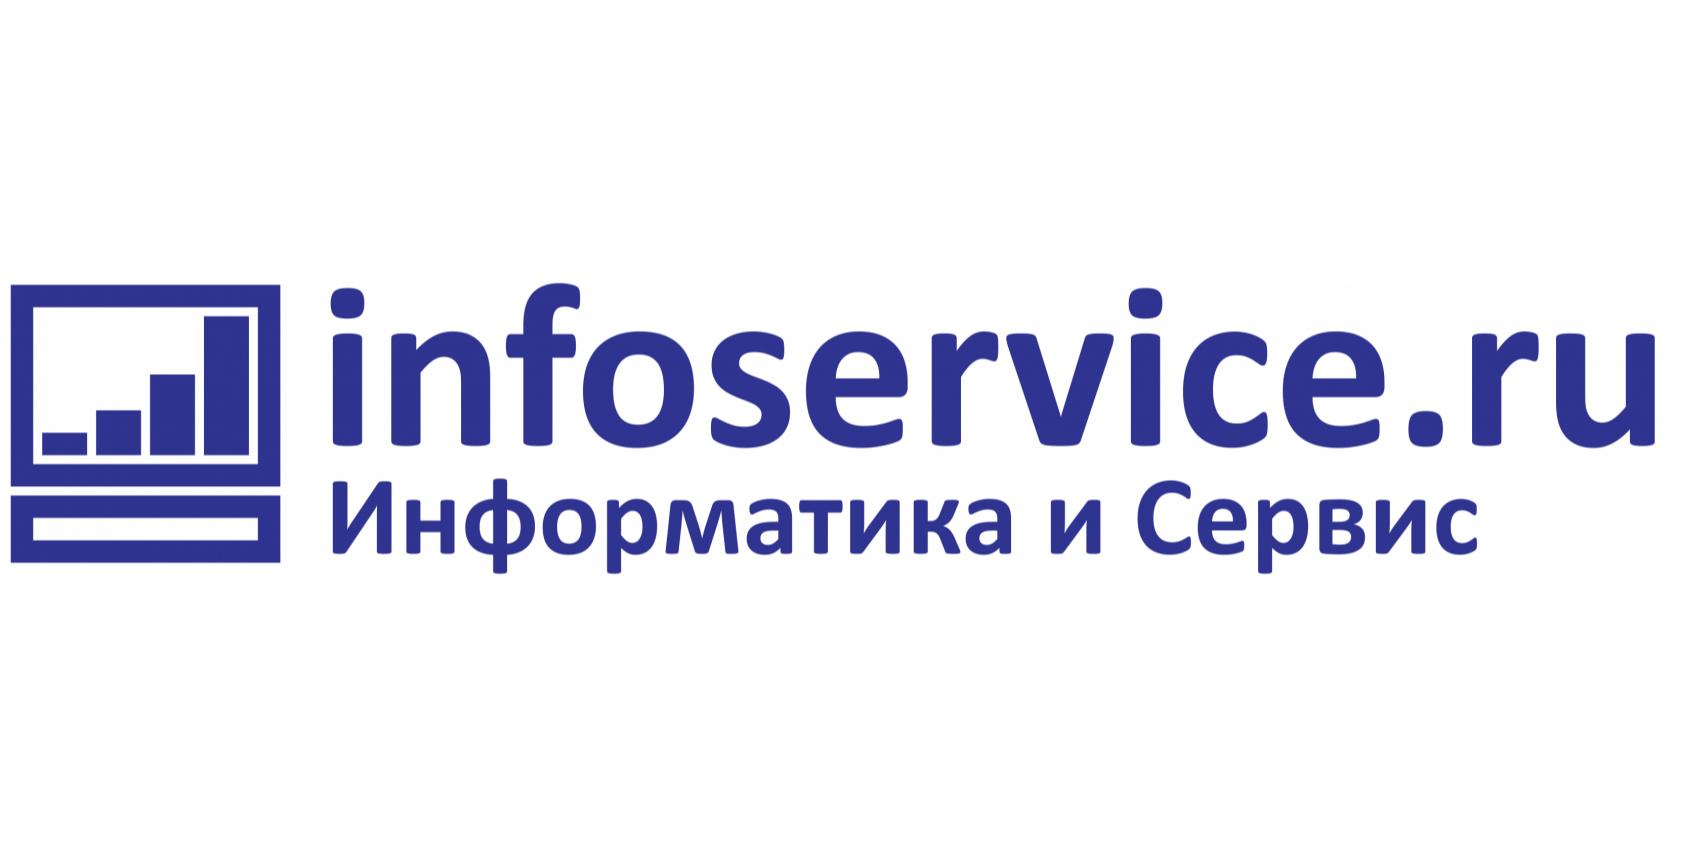 (c) Infoservice.ru